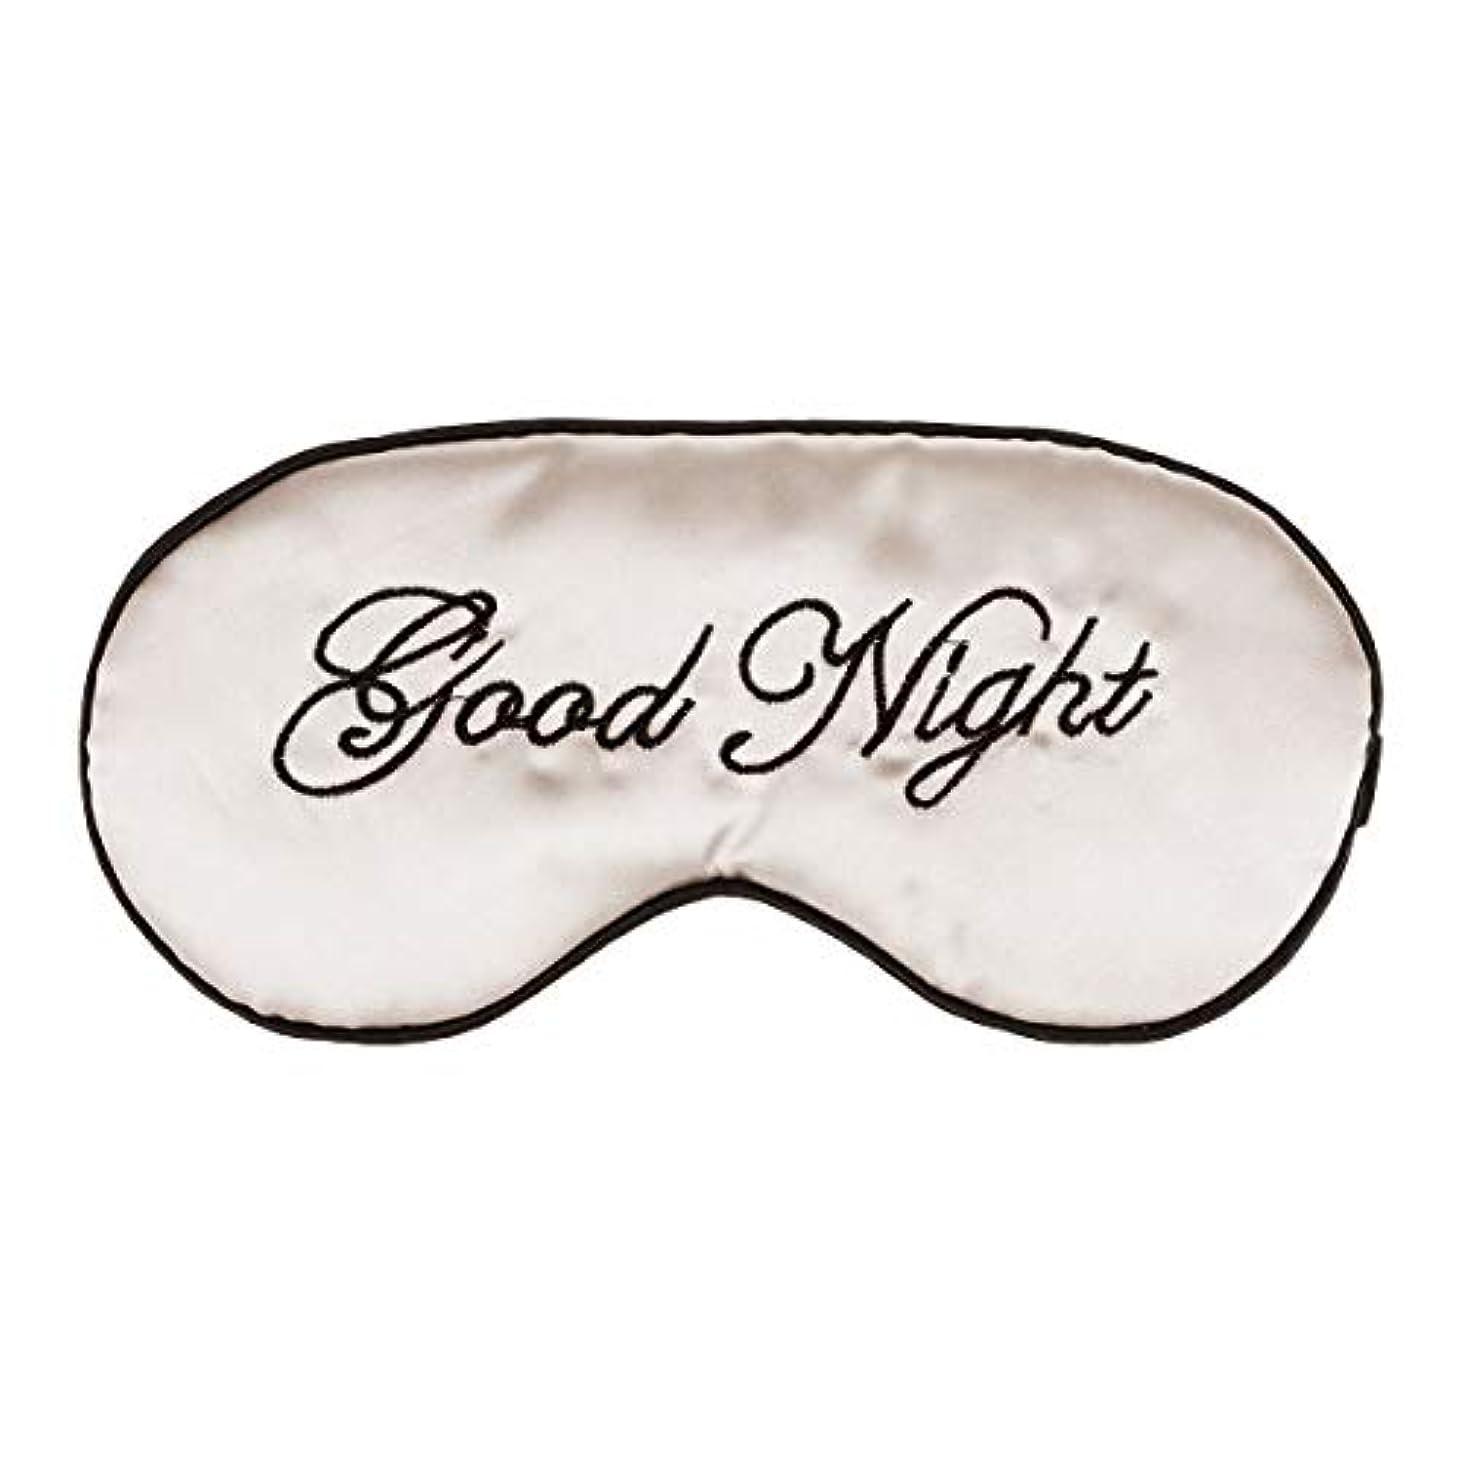 すべき事業内容引退したSUPVOX シルクスリーピングマスク 刺繍スタイル 睡眠 アイマスク 軽量 アイマスク 遮光 圧迫感なし 疲れ目 睡眠 旅行 仮 眠 疲労回復に最適 無地(ベージュ)